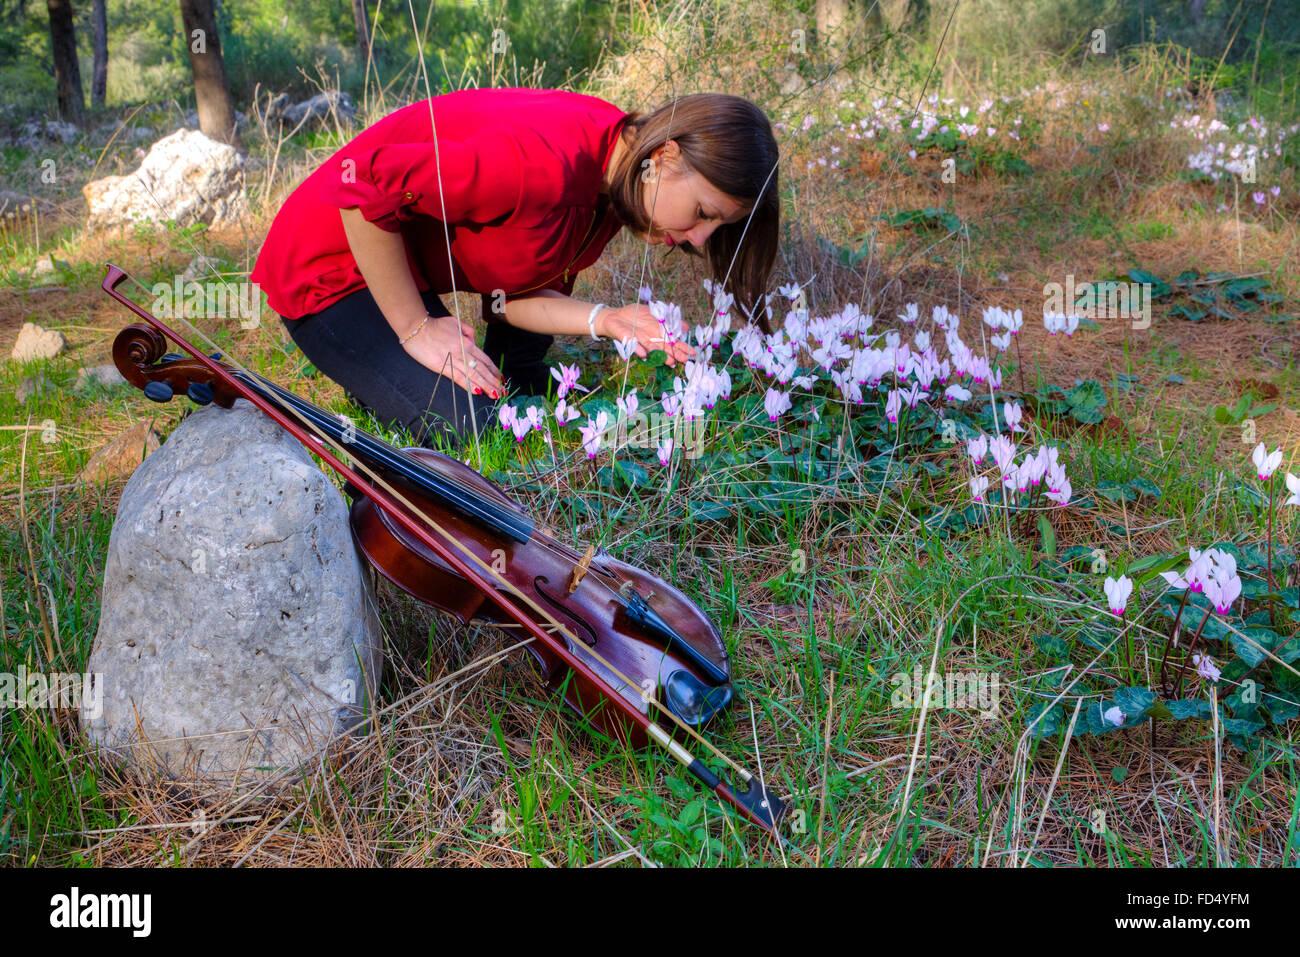 Fille a mis le violon et la collecte des fleurs. Peu de profondeur de champ Photo Stock